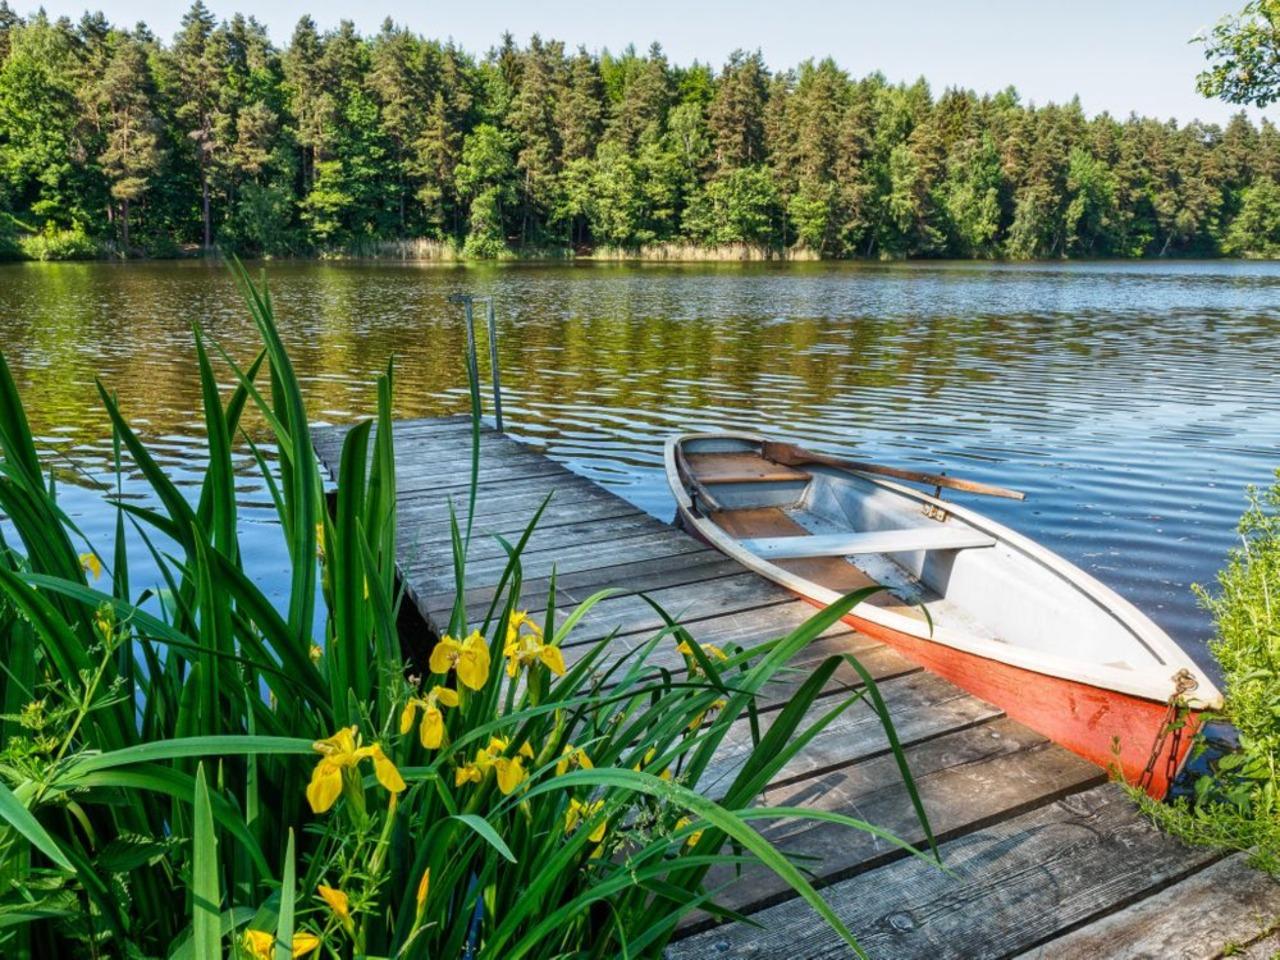 Экскурсия на лодке - индивидуальная экскурсия в Ярославле от опытного гида